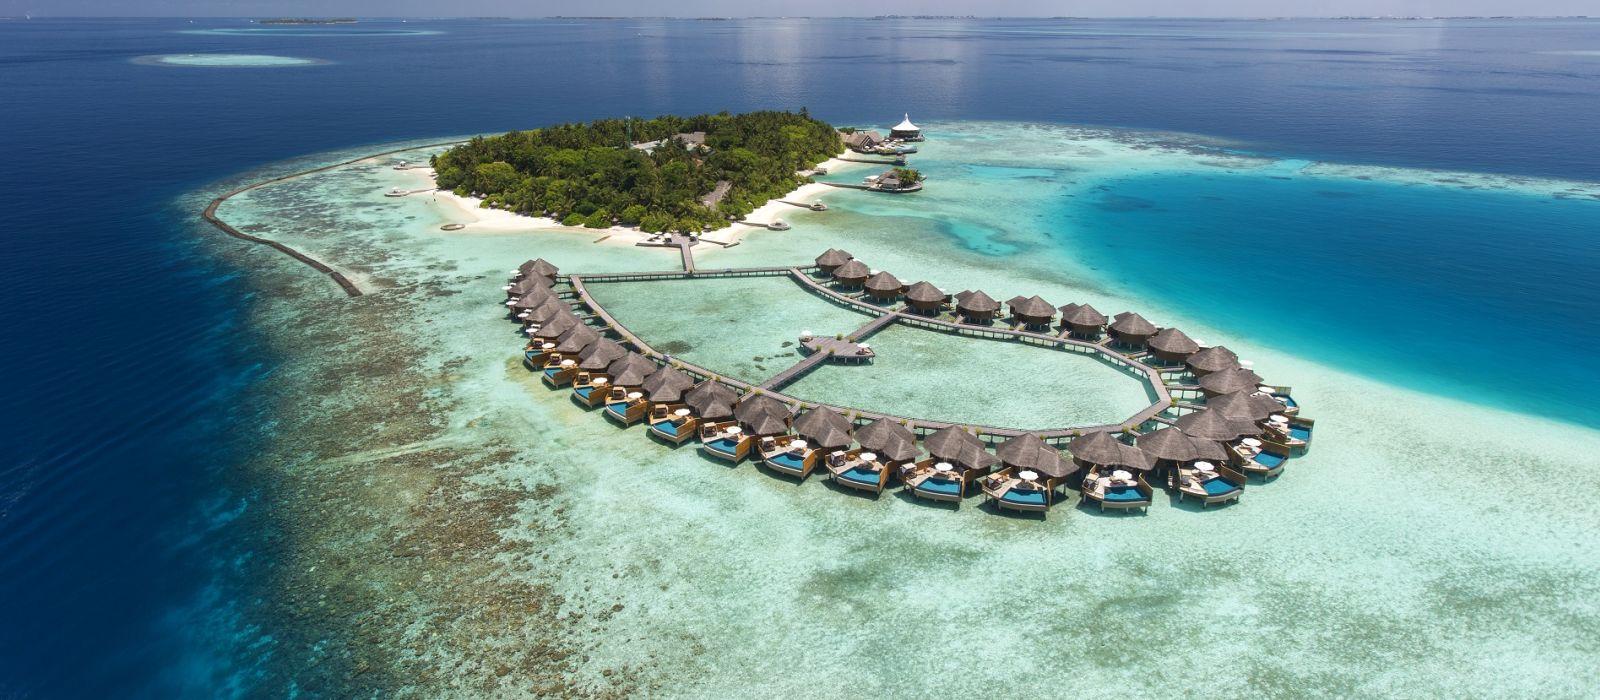 Maldives Tours & Trips 1